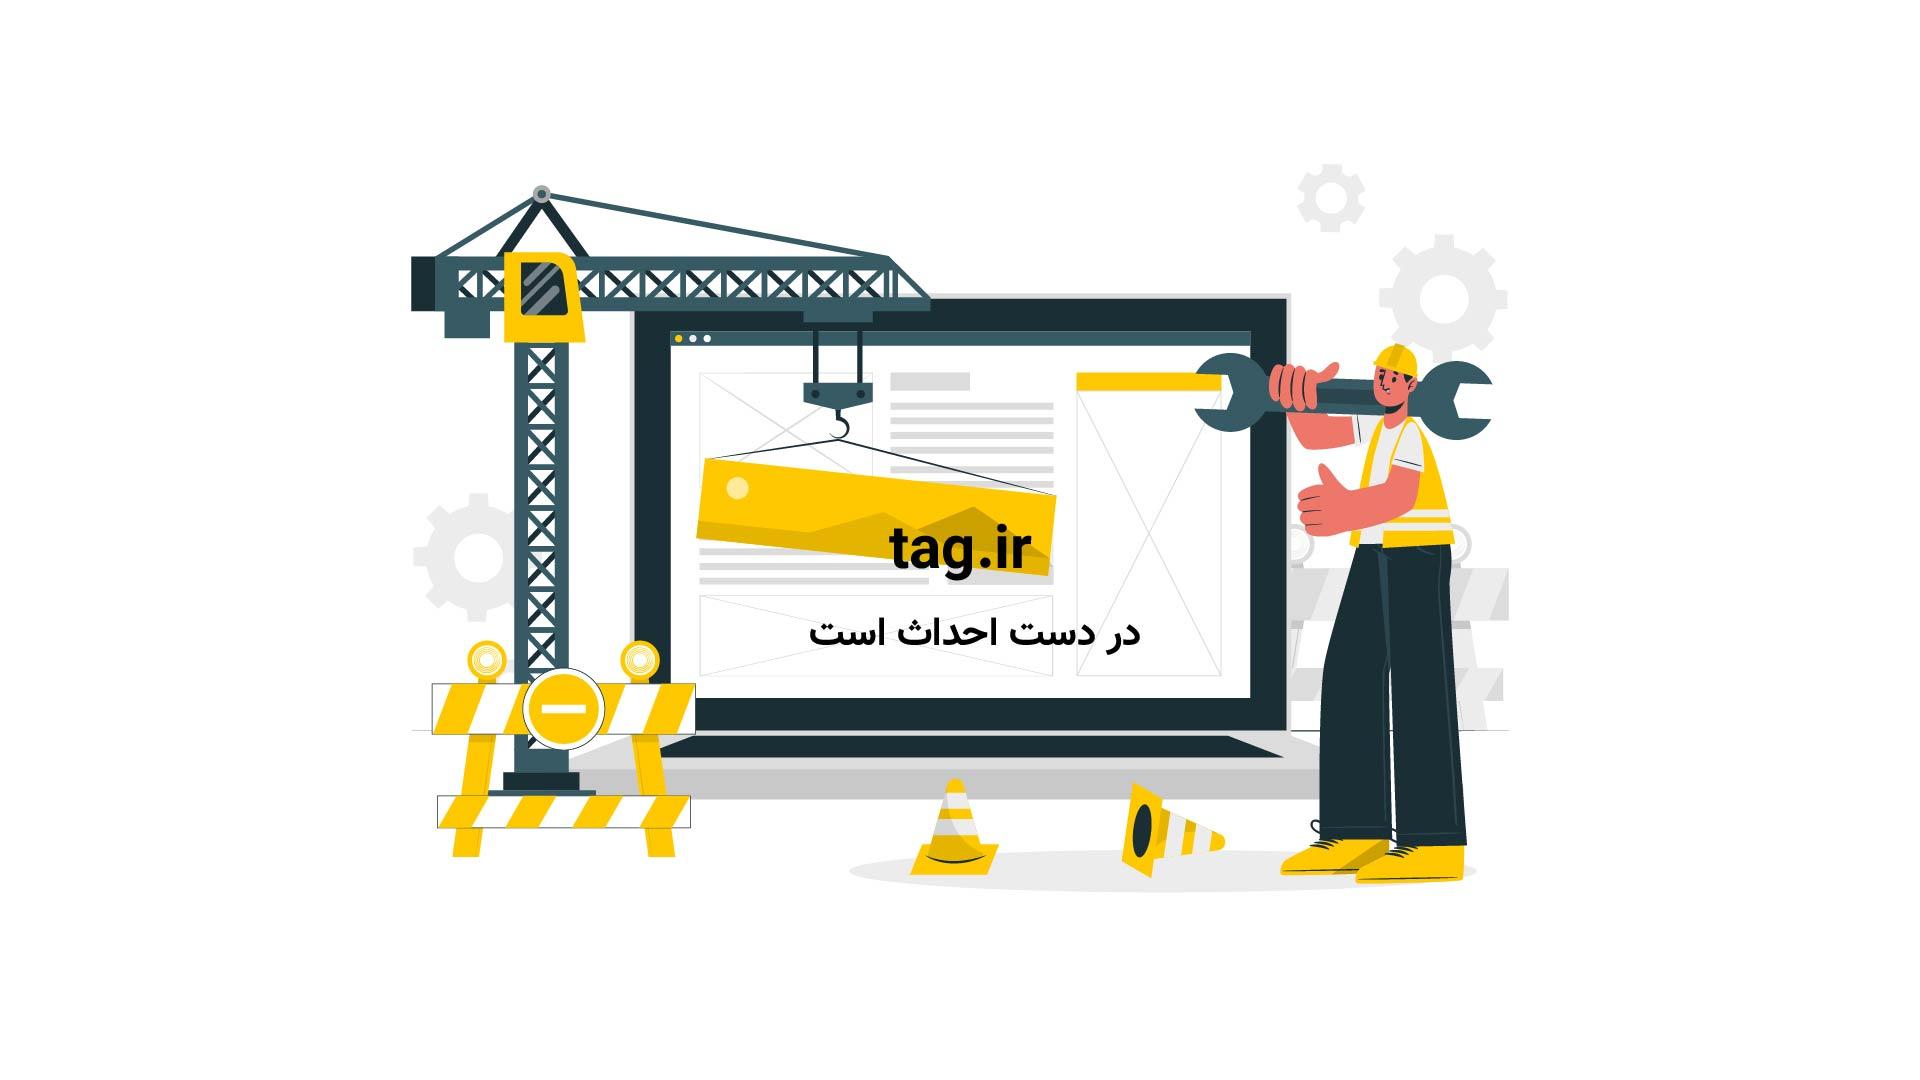 وقتی می ترسید چه روی می دهد | فیلم